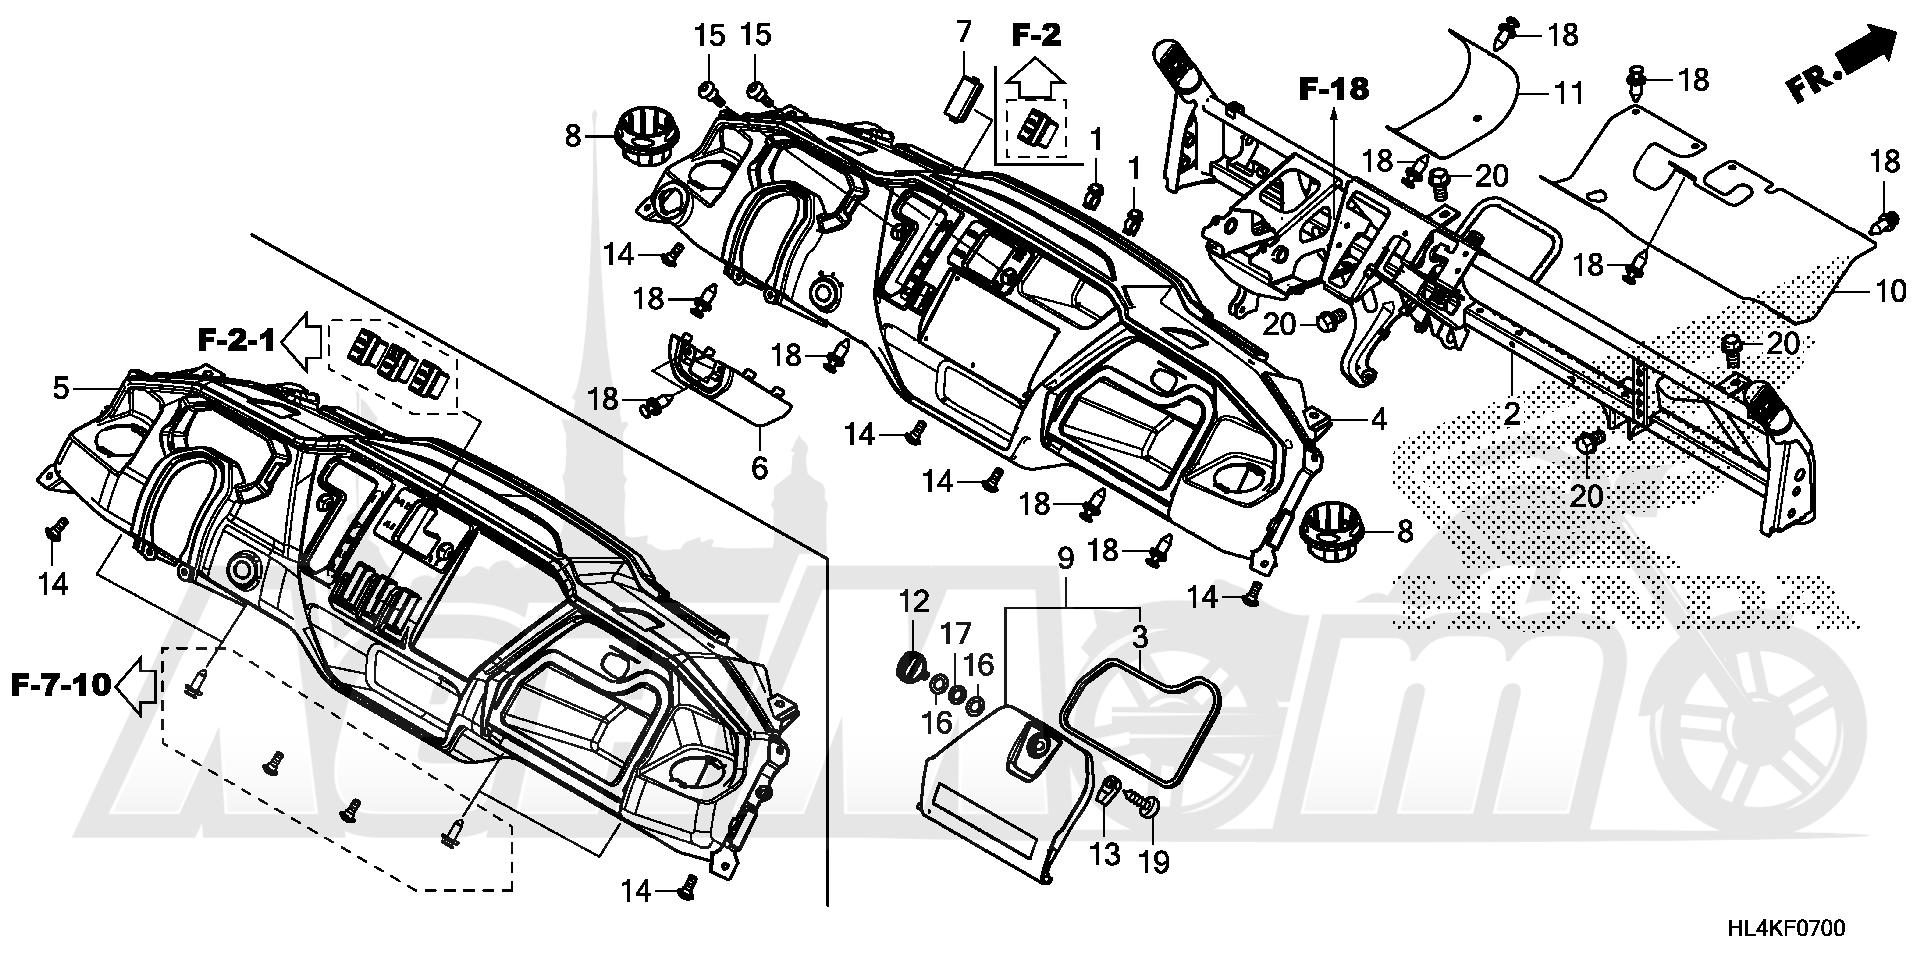 Запчасти для Квадроцикла Honda 2019 SXS1000M5L Раздел: INSTRUMENT PANEL | приборная панель